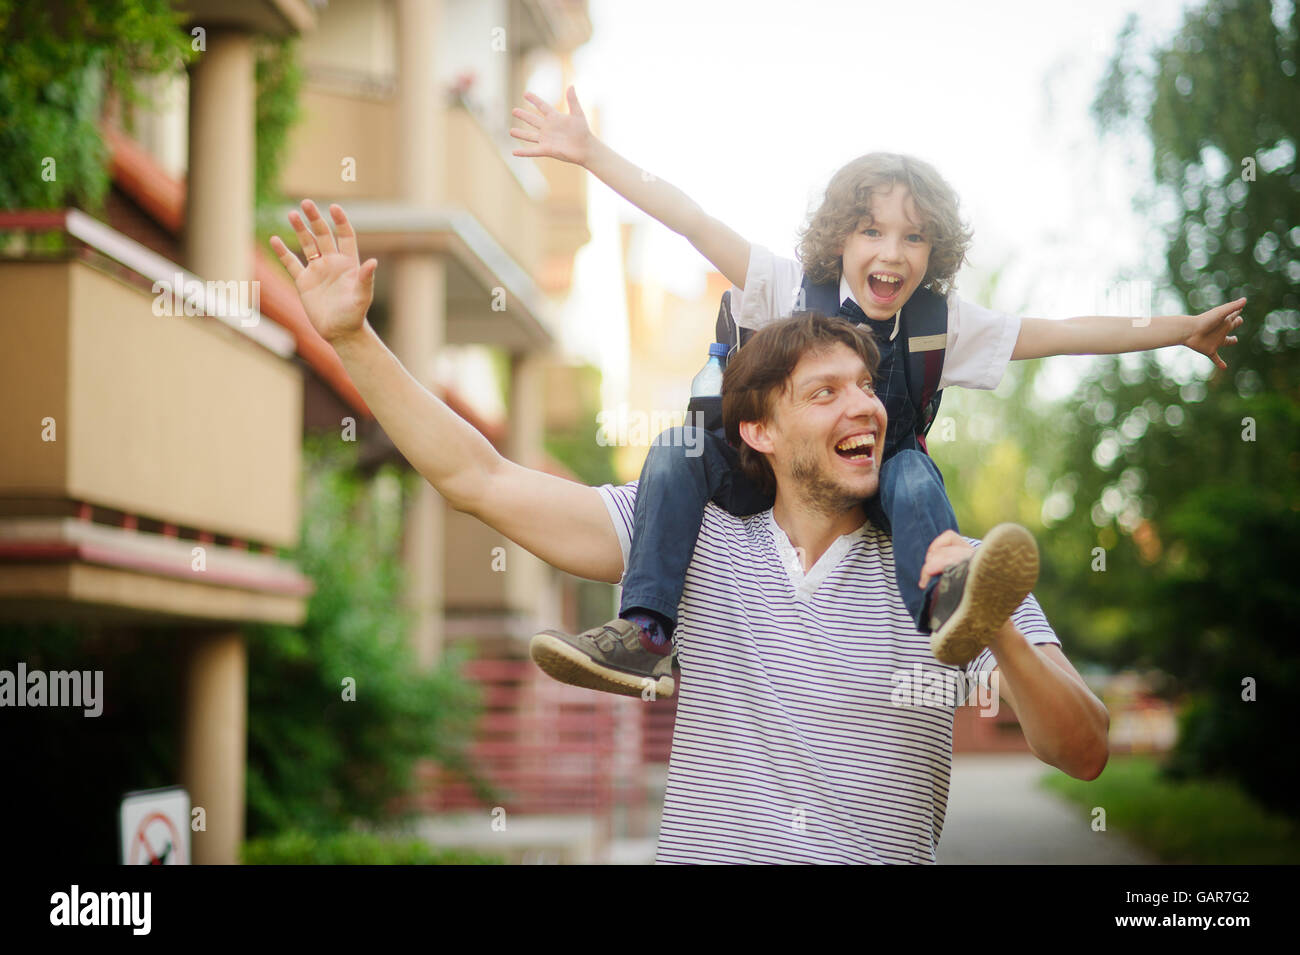 Primo classificatore seduti sulle spalle di suo padre. Egli è molto felice. Padre e figlio fingendo di volare. Immagini Stock